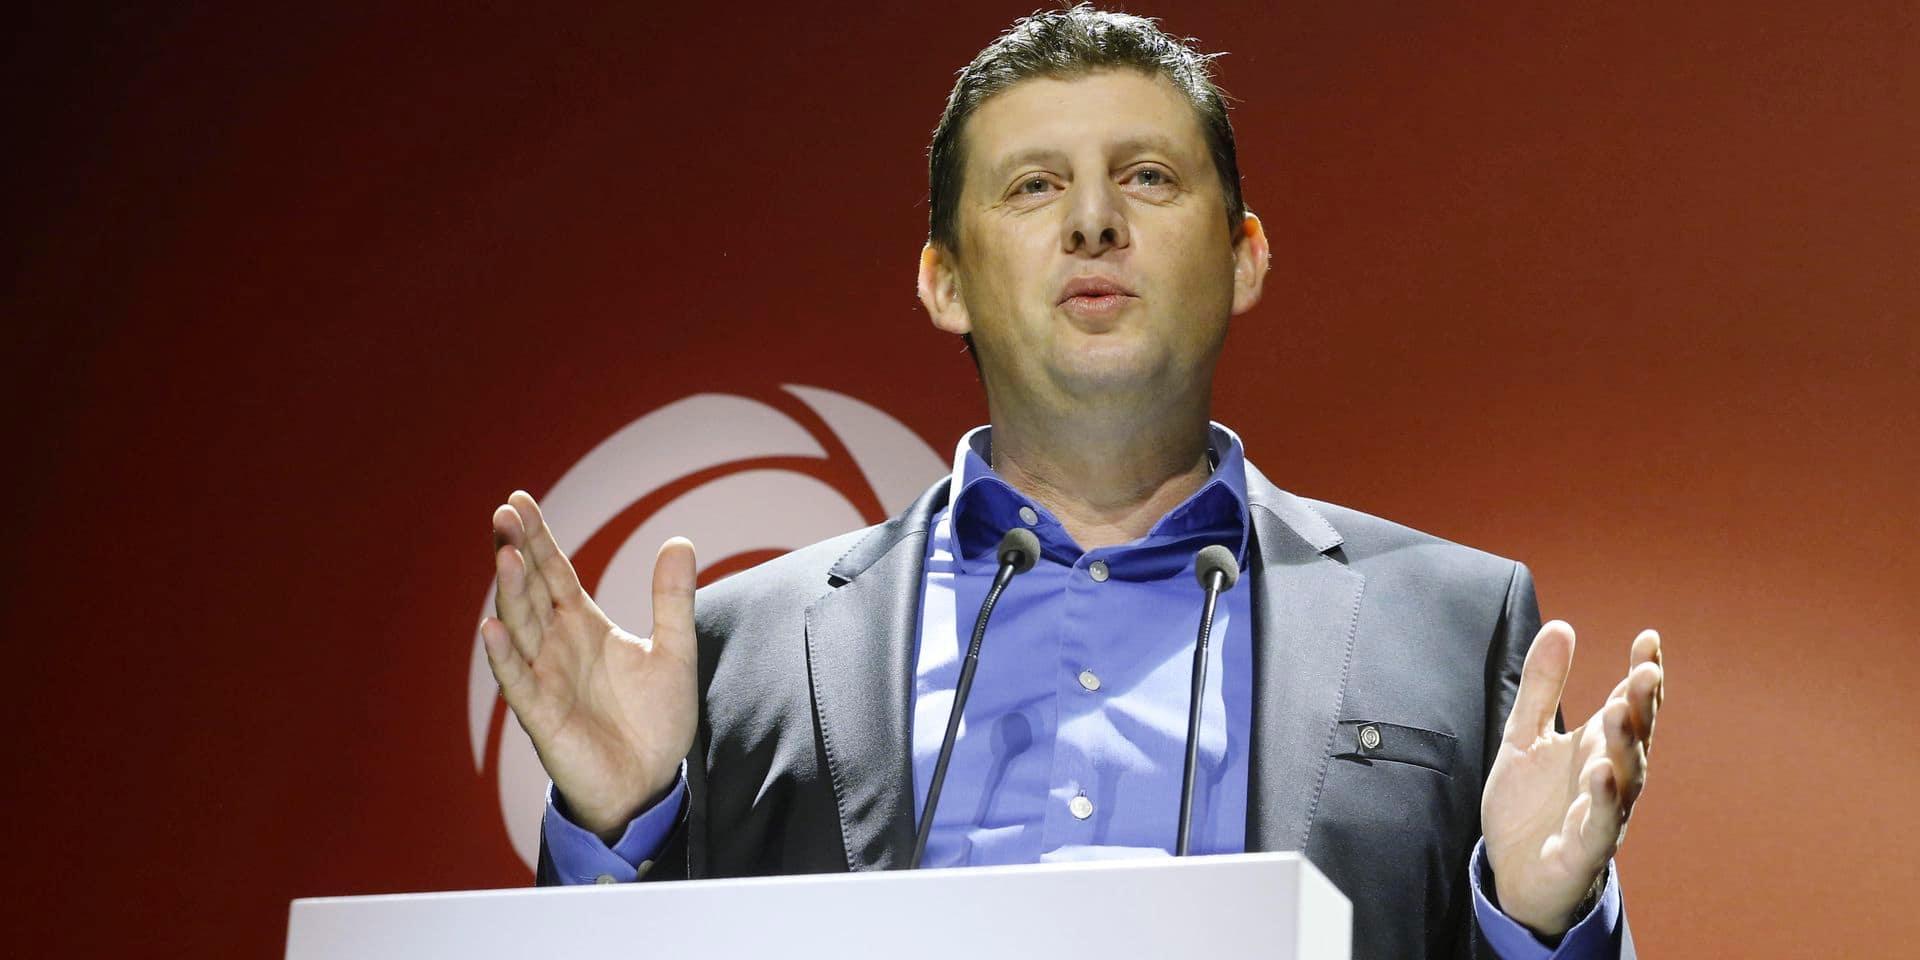 Le sp.a réclame un débat sur la sécurité du vote électronique